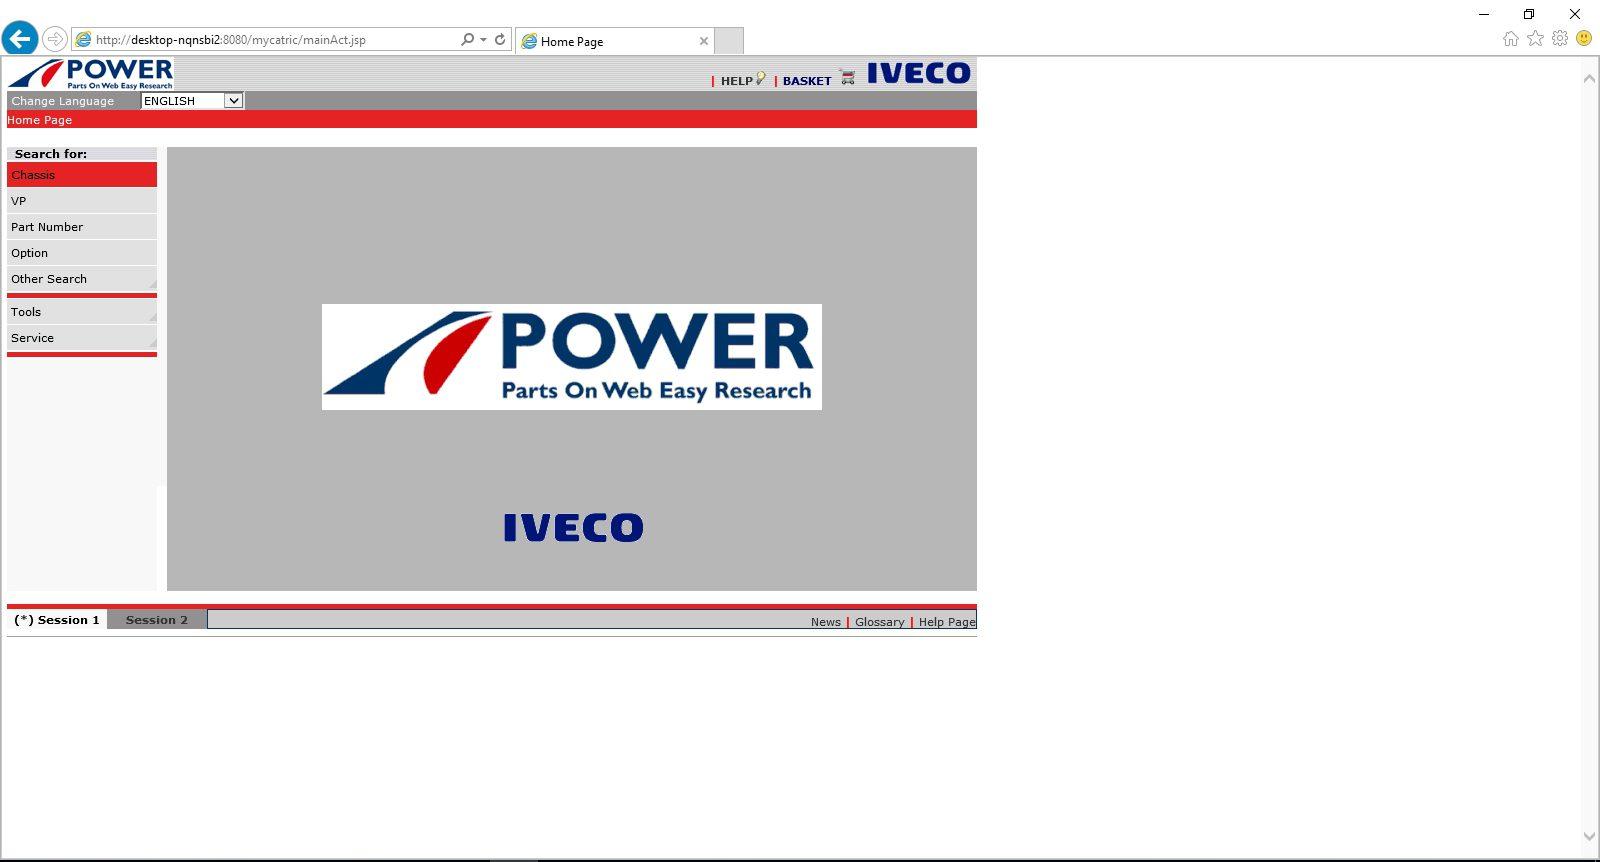 Iveco_Power_Trucks_Buses_Q1_012020_Full_Instruction_7